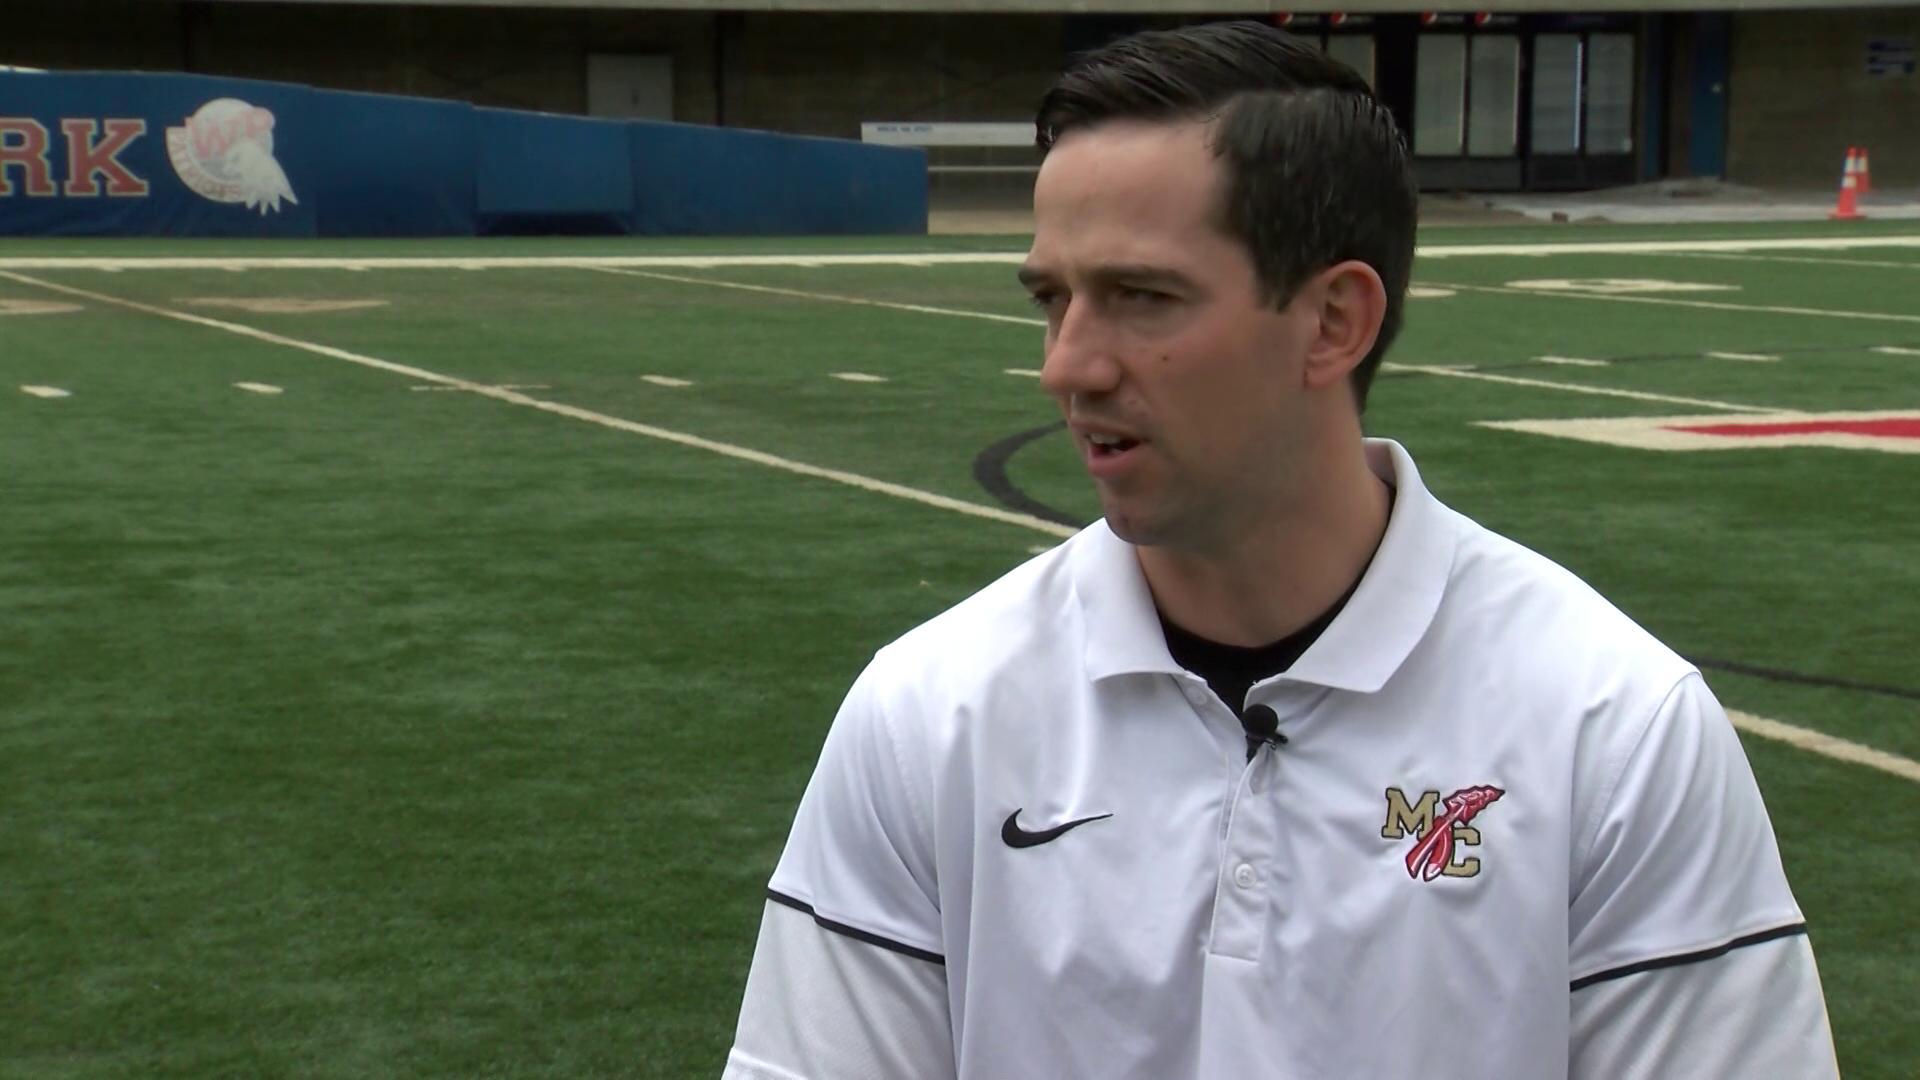 Coach Josh Ischy